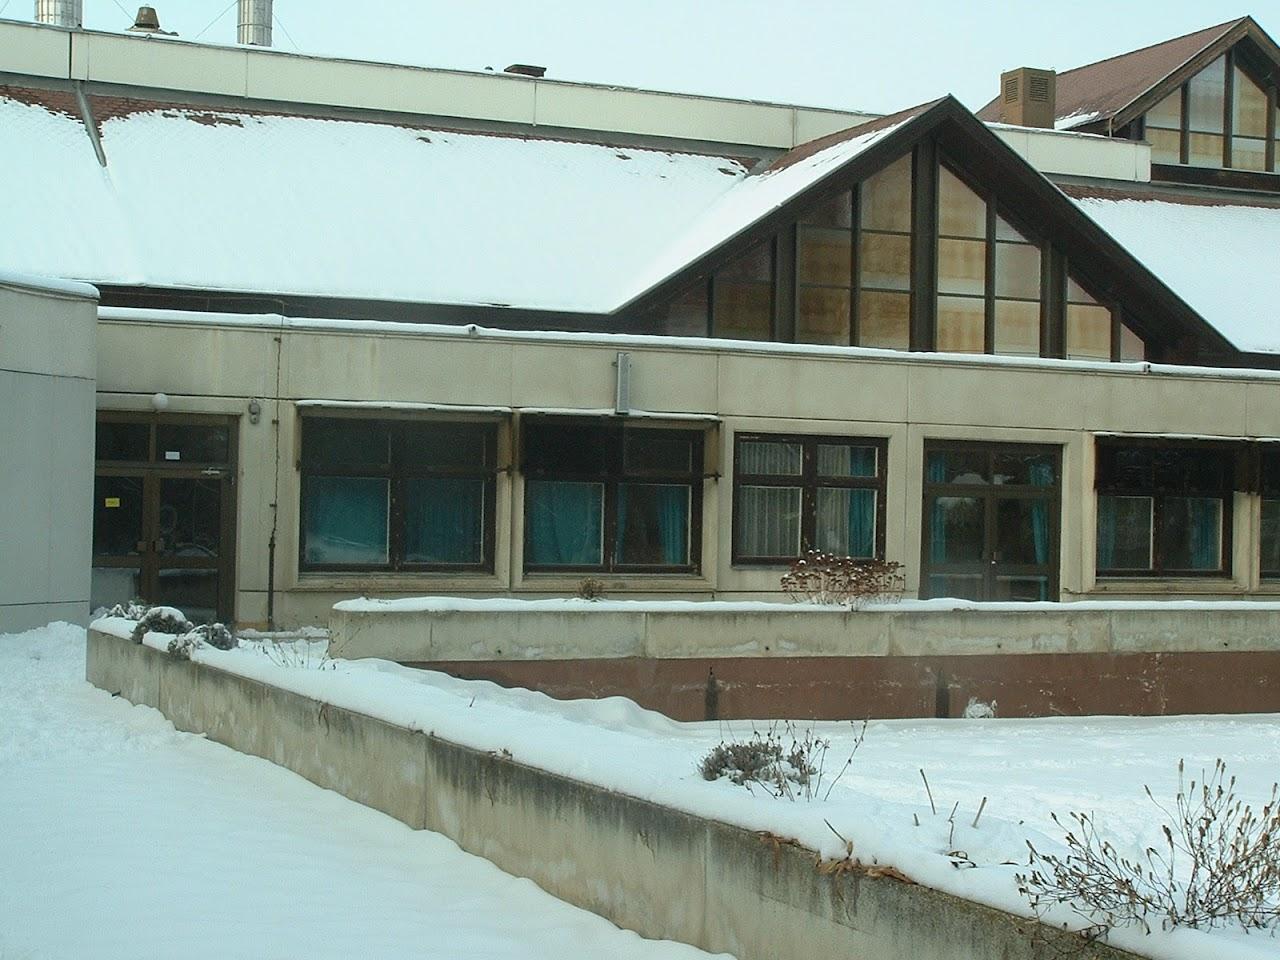 Képek az iskoláról - image029.jpg